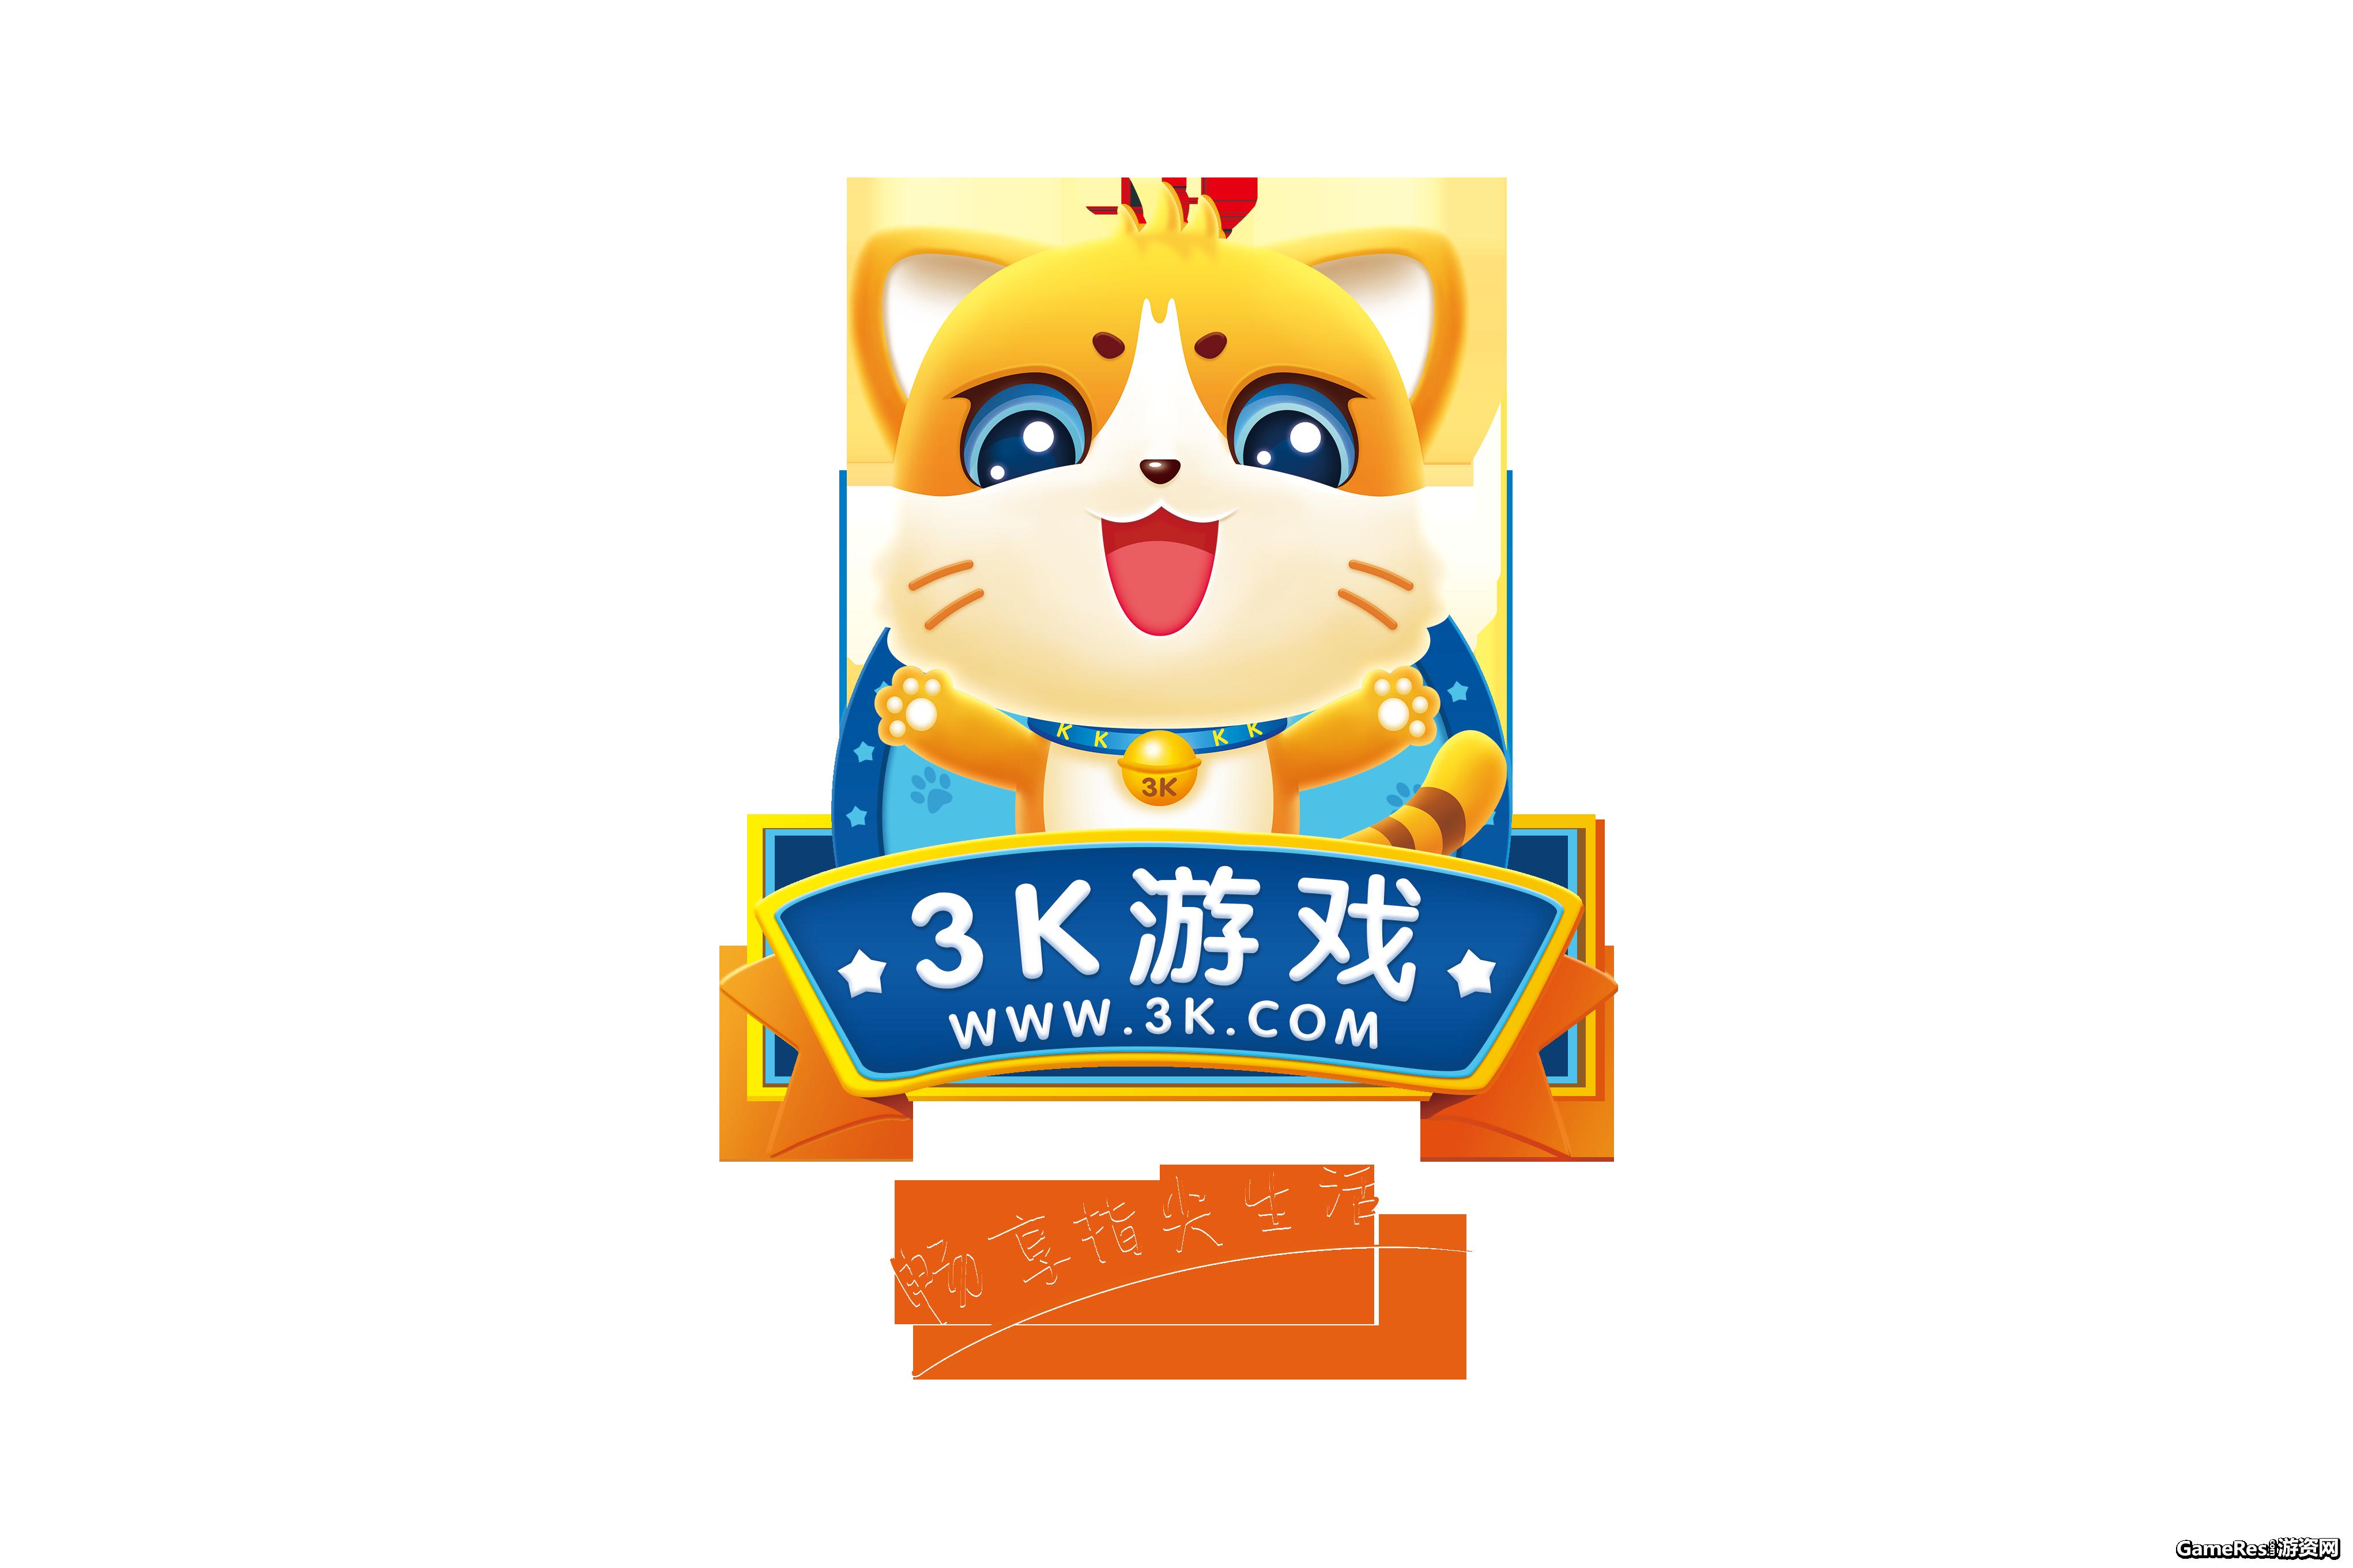 新年新气象!广州3k游戏诚招运营/评测/编辑/产品引入商 ...